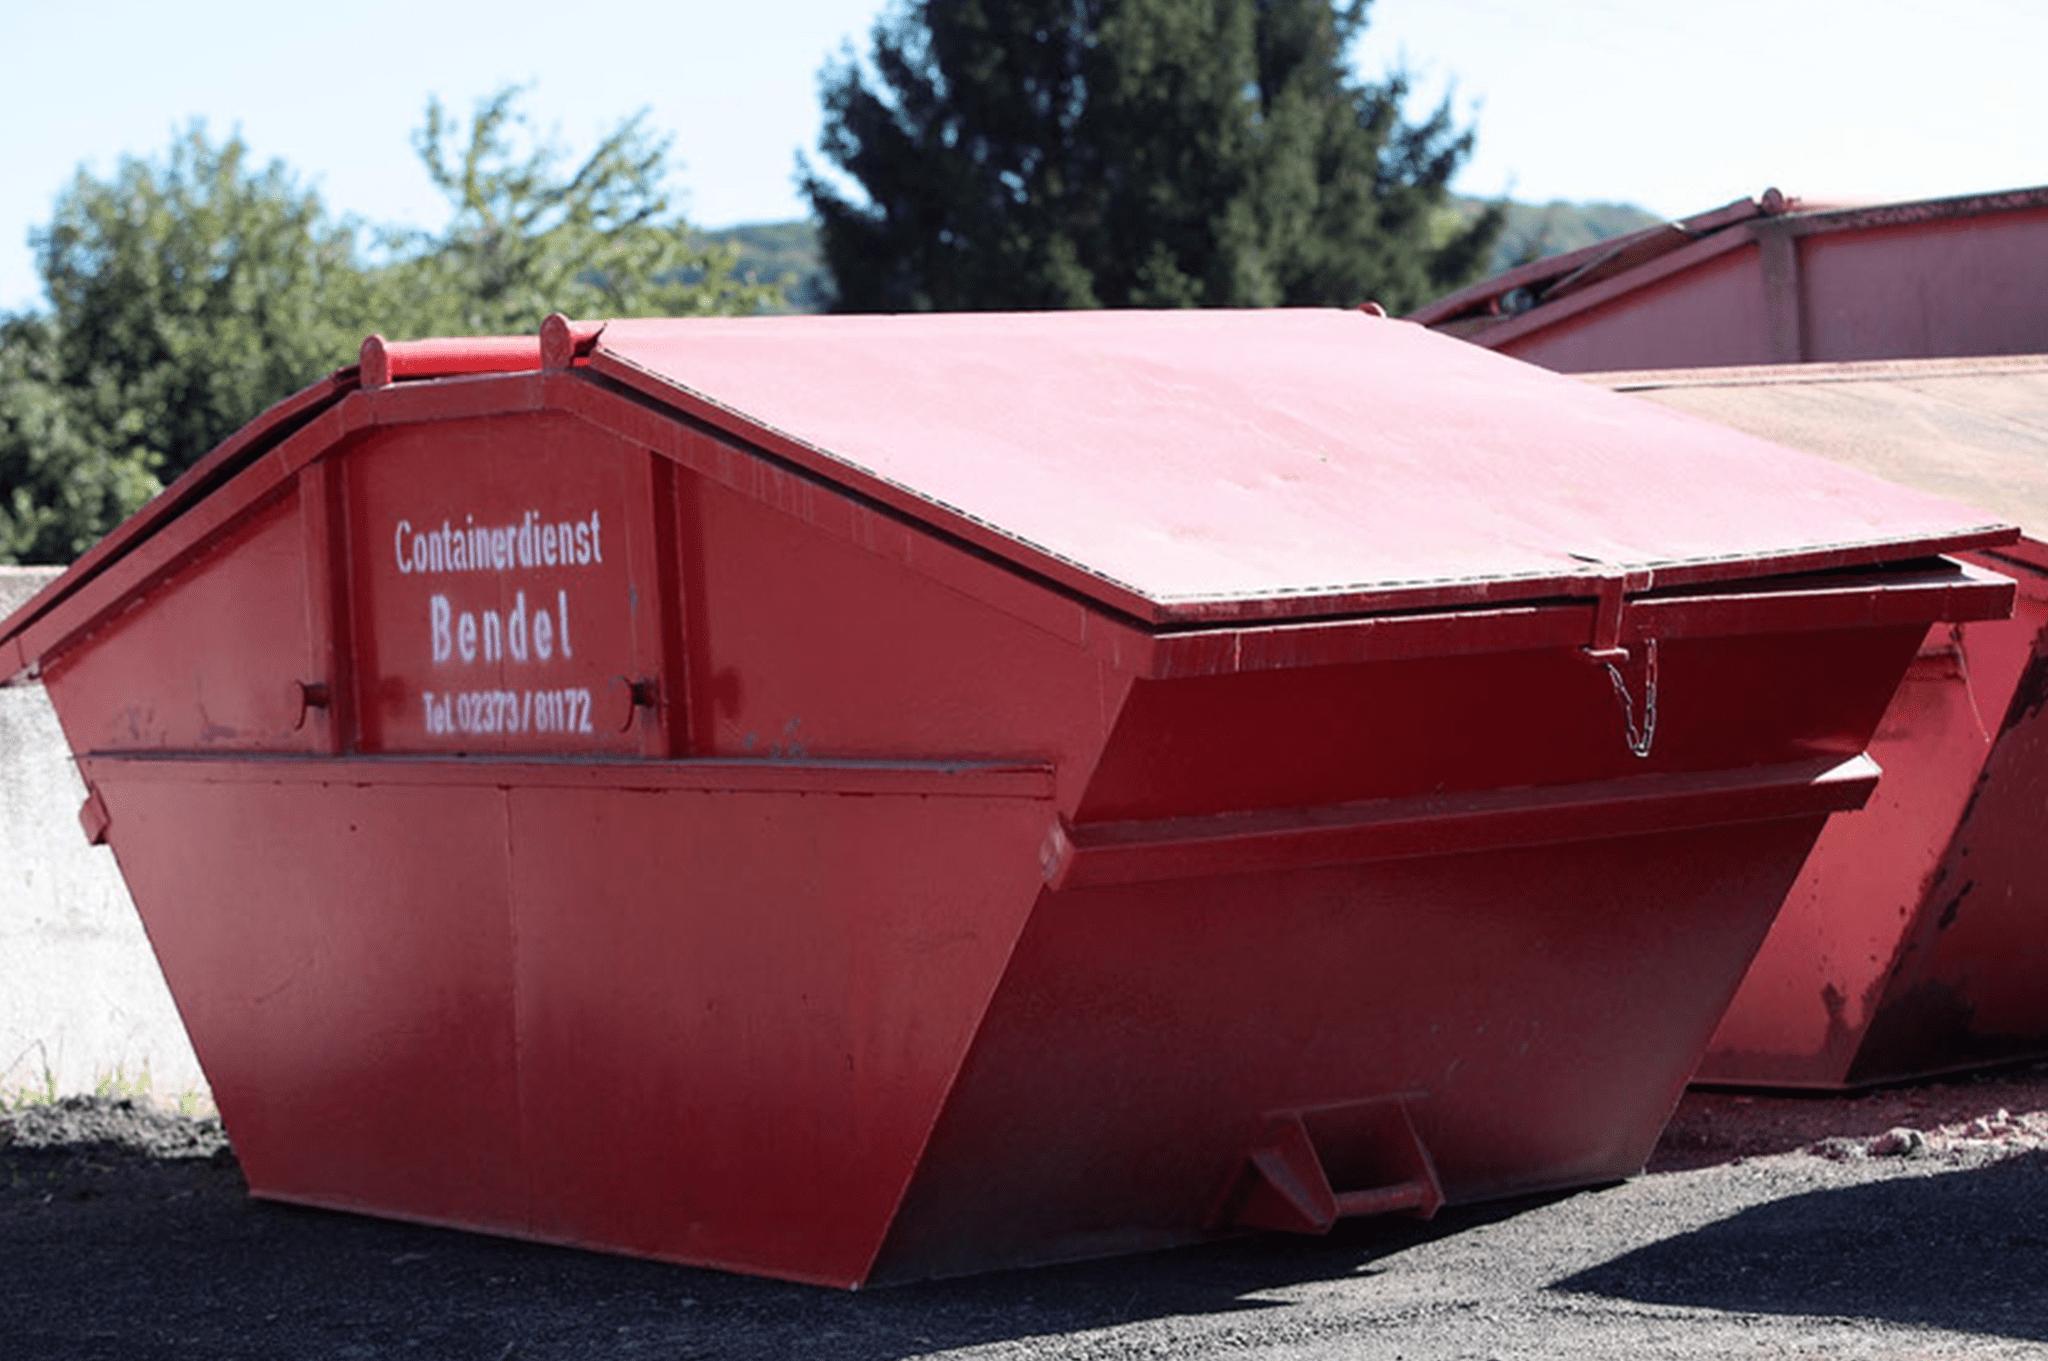 Containerdienst Bendel in Menden